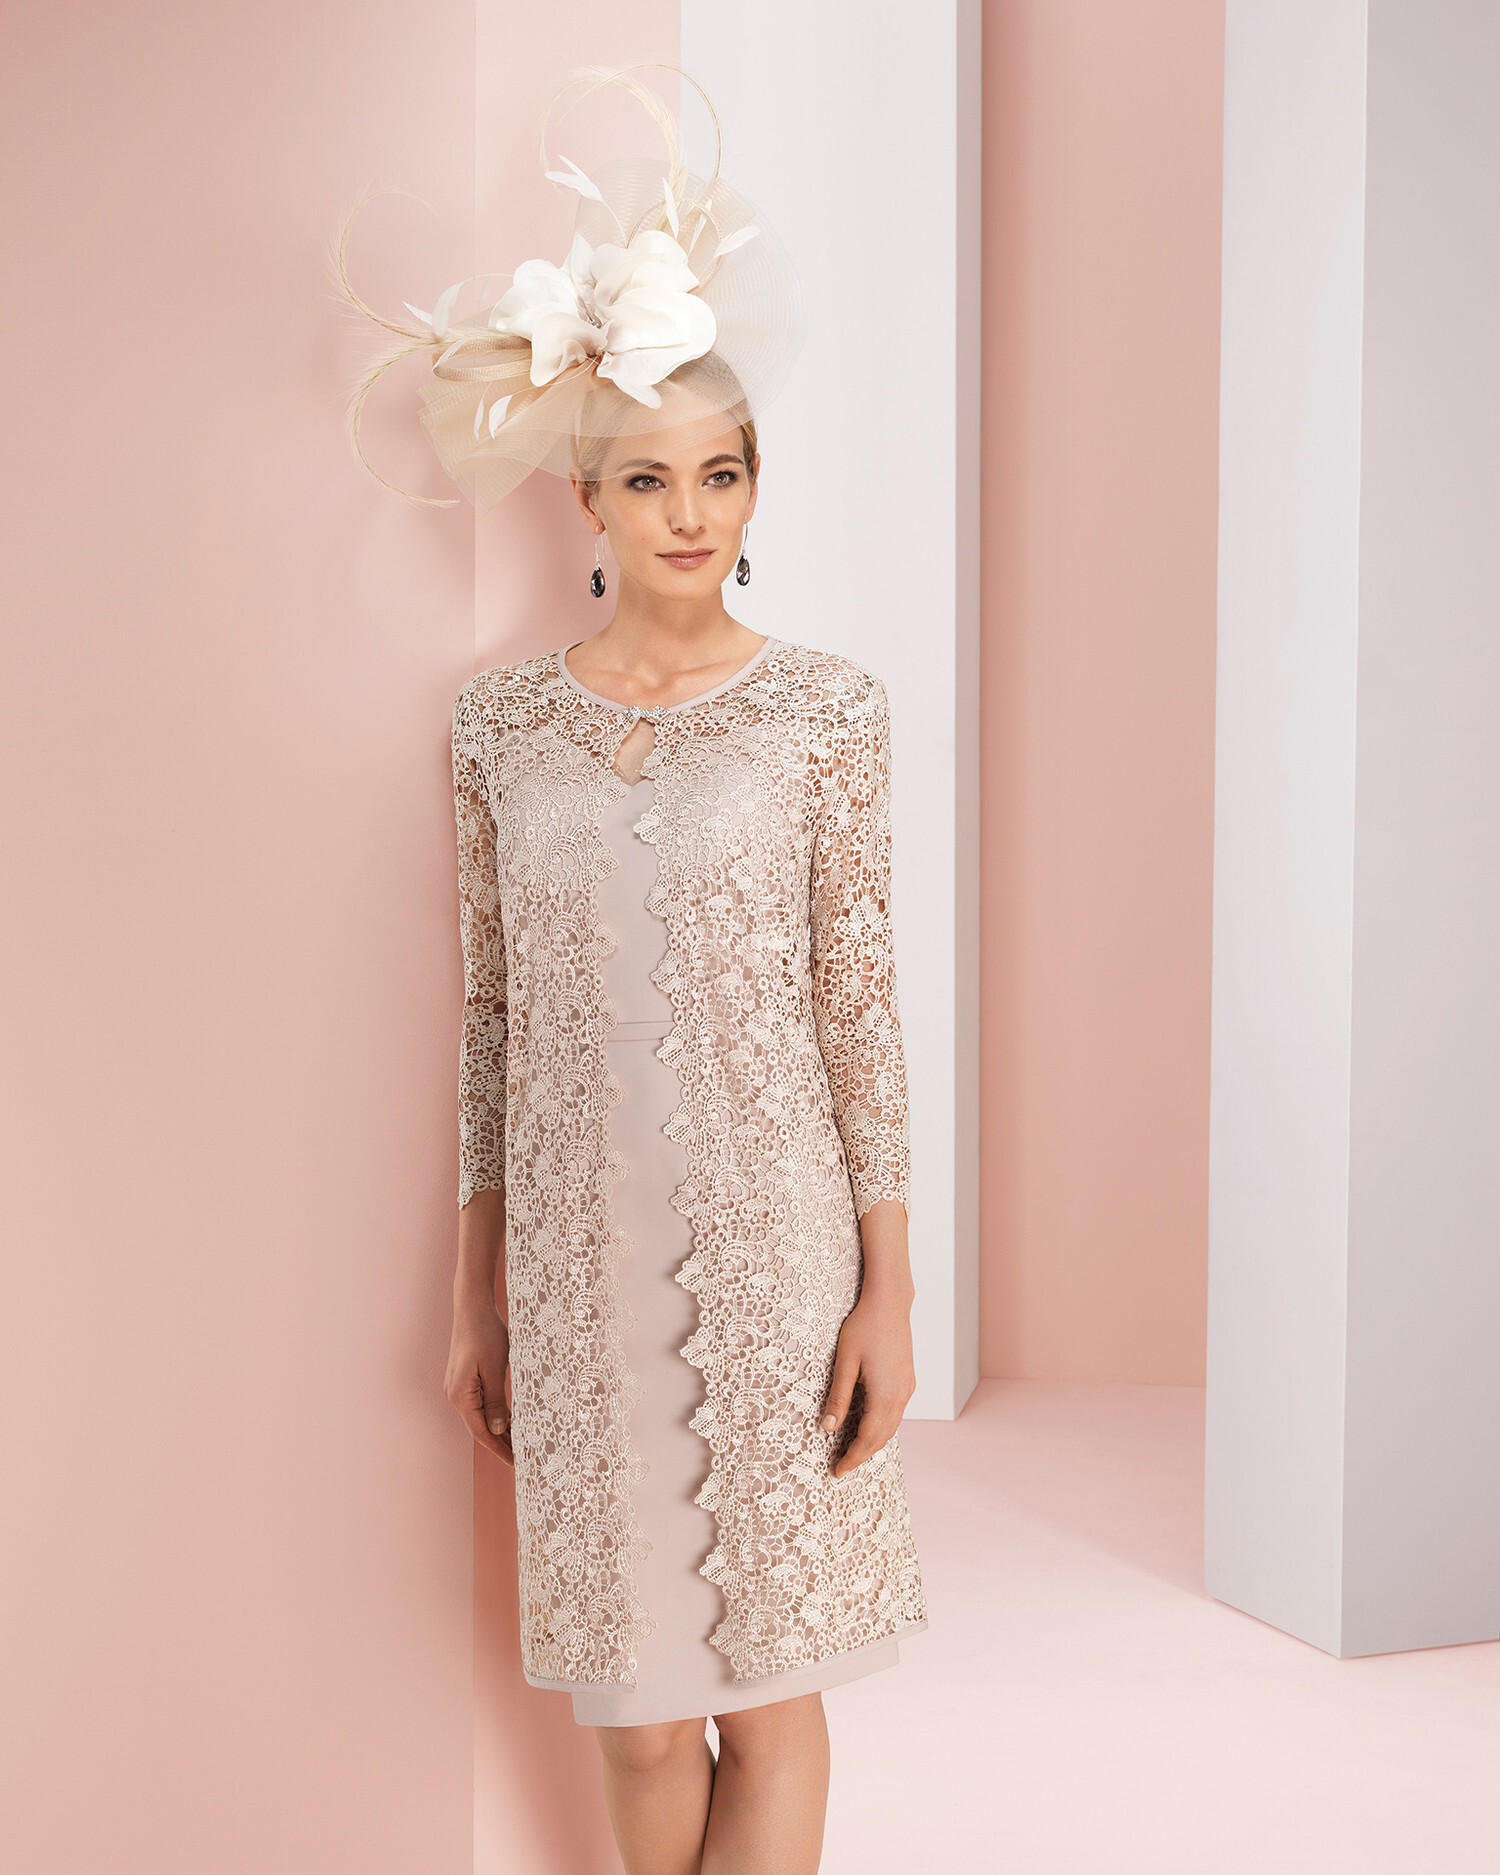 Vestidos de Fiesta de Couture-Club - Página 2 - Bodas.net